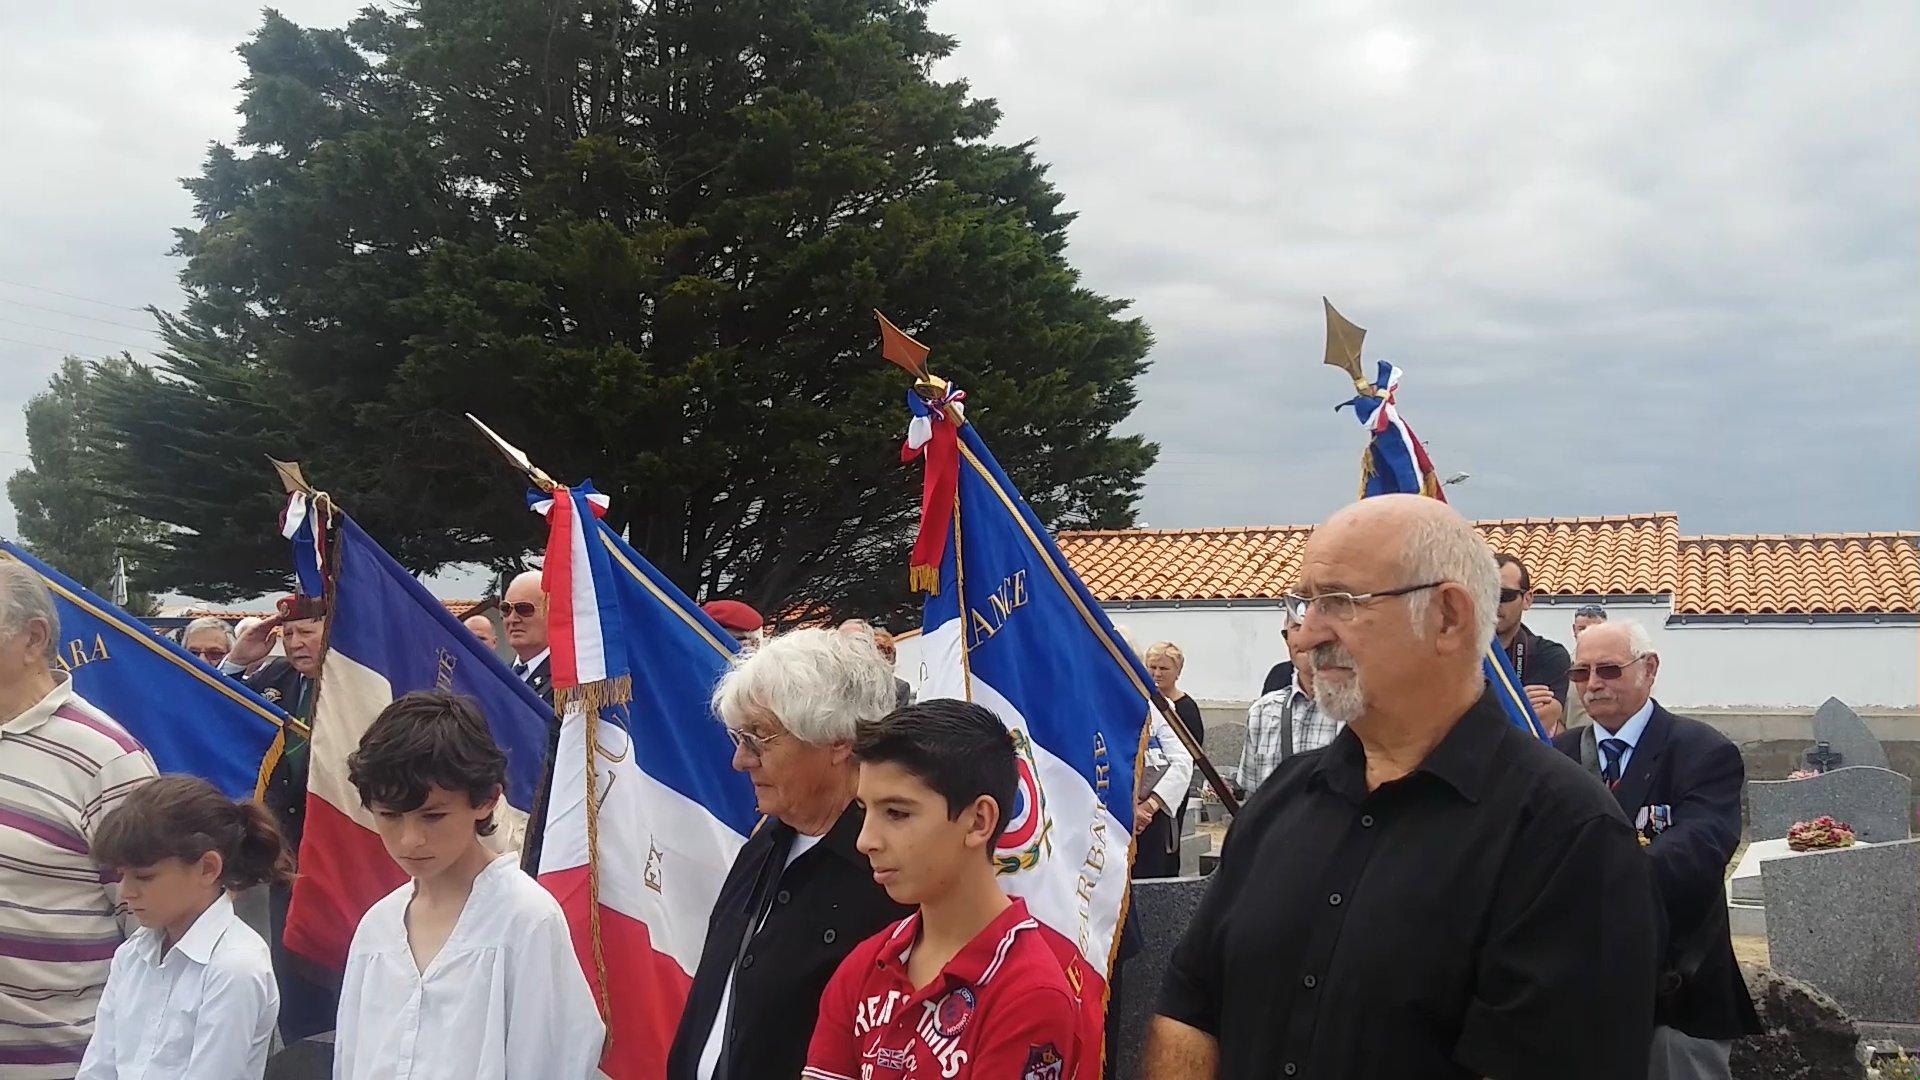 Photos of the commemorative ceremony on August 8, 2015, in Barbâtre, Île de Noirmoutier, France.